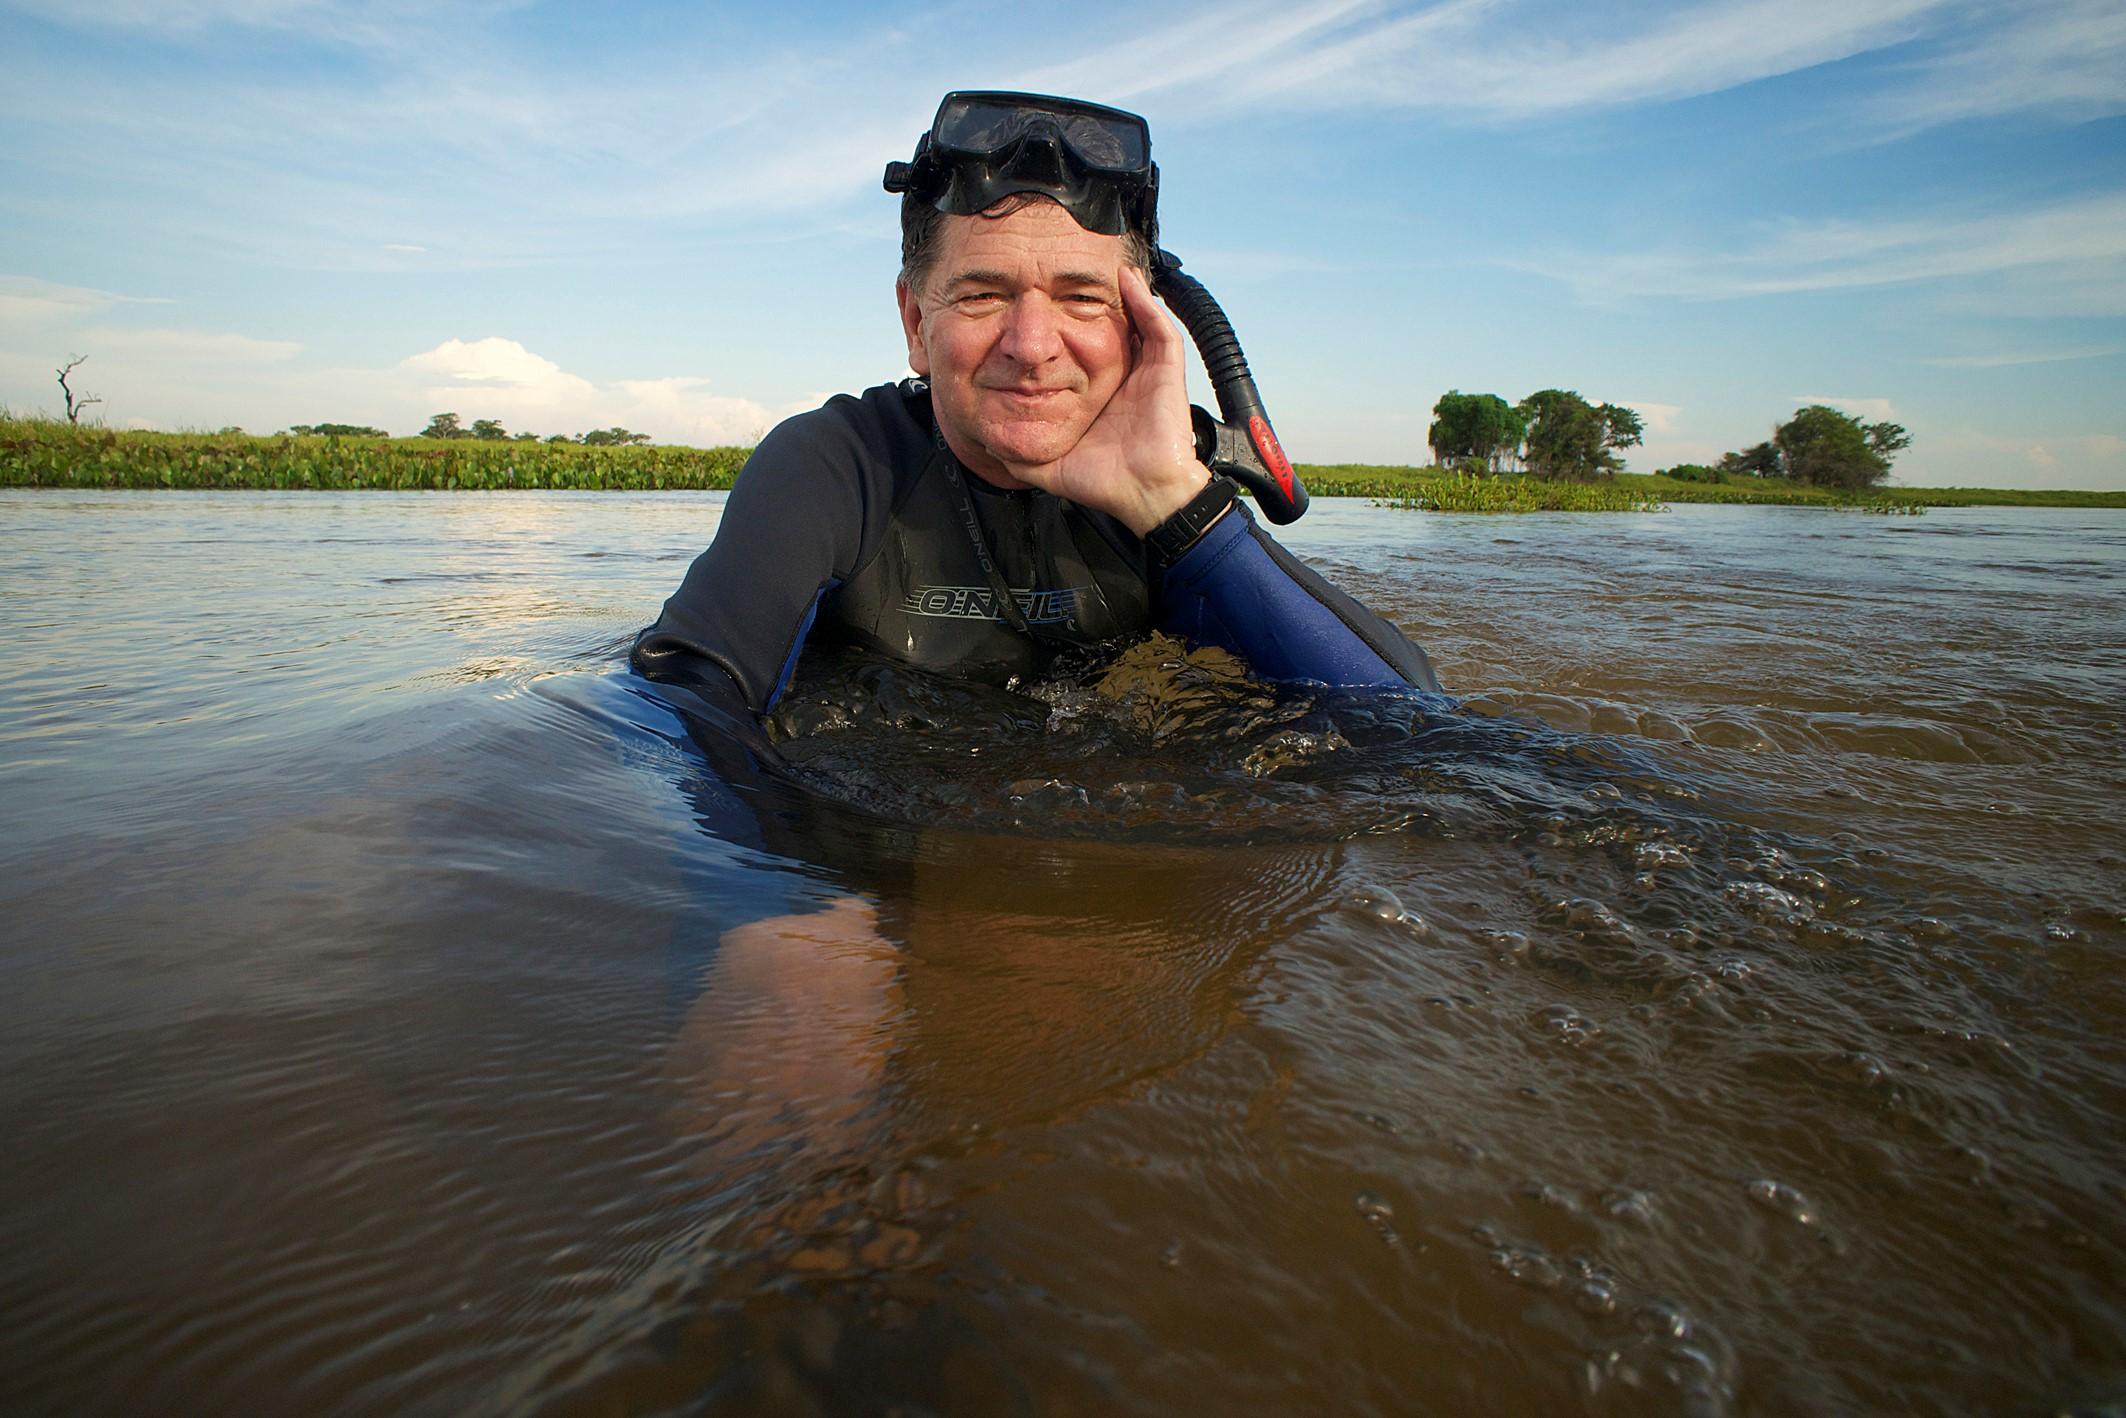 Entre ours et piranhas. Sept ans dans les eaux de la planète